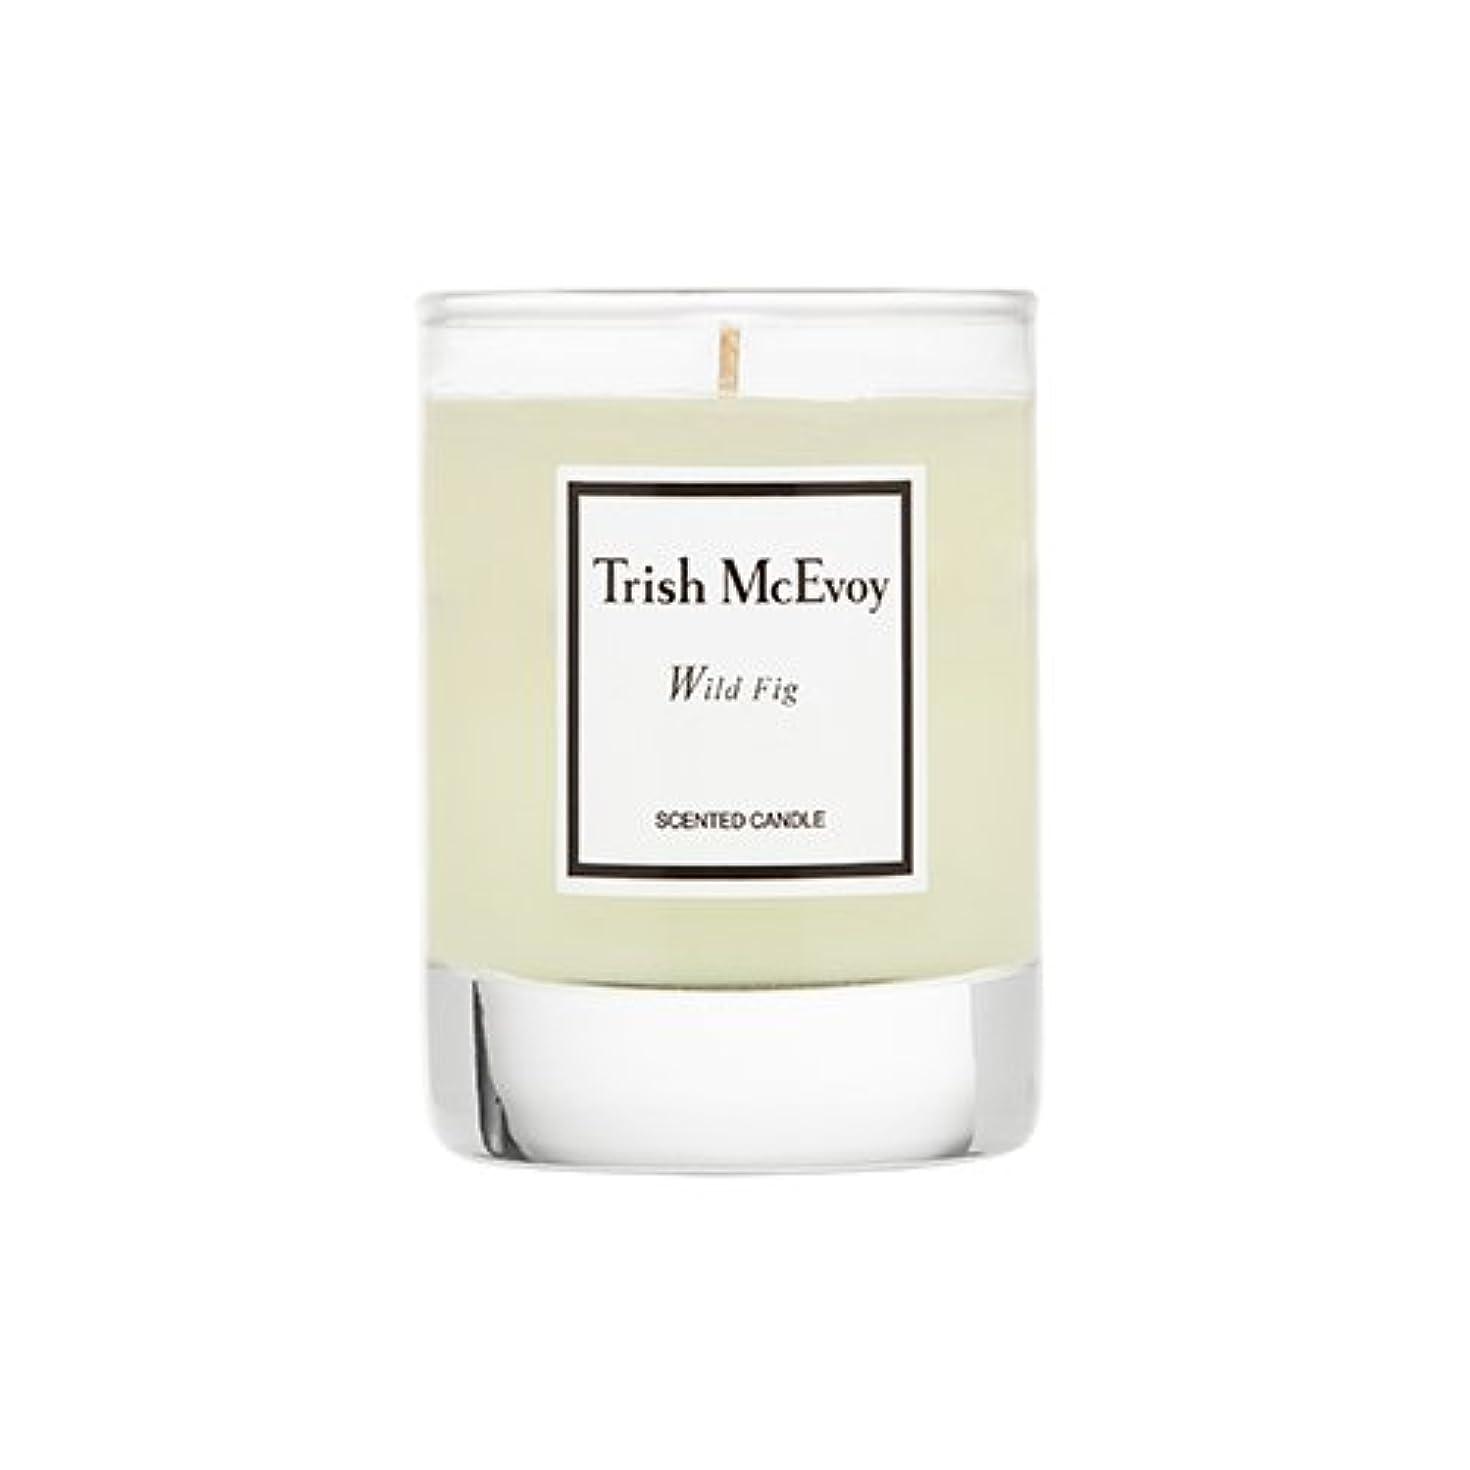 バックアップ真向こう即席Trish McEvoy Wild Fig Scented Candle Votive 2oz